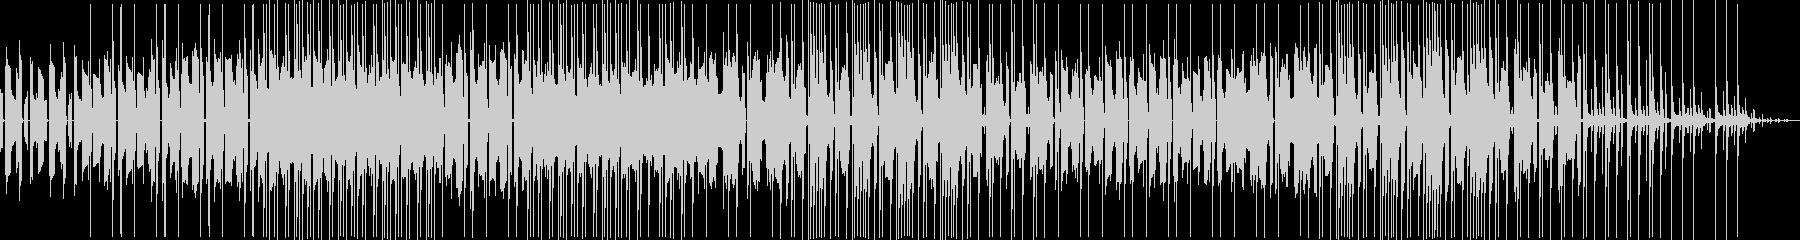 使用用途や曲のイメージを言語化できない用の未再生の波形